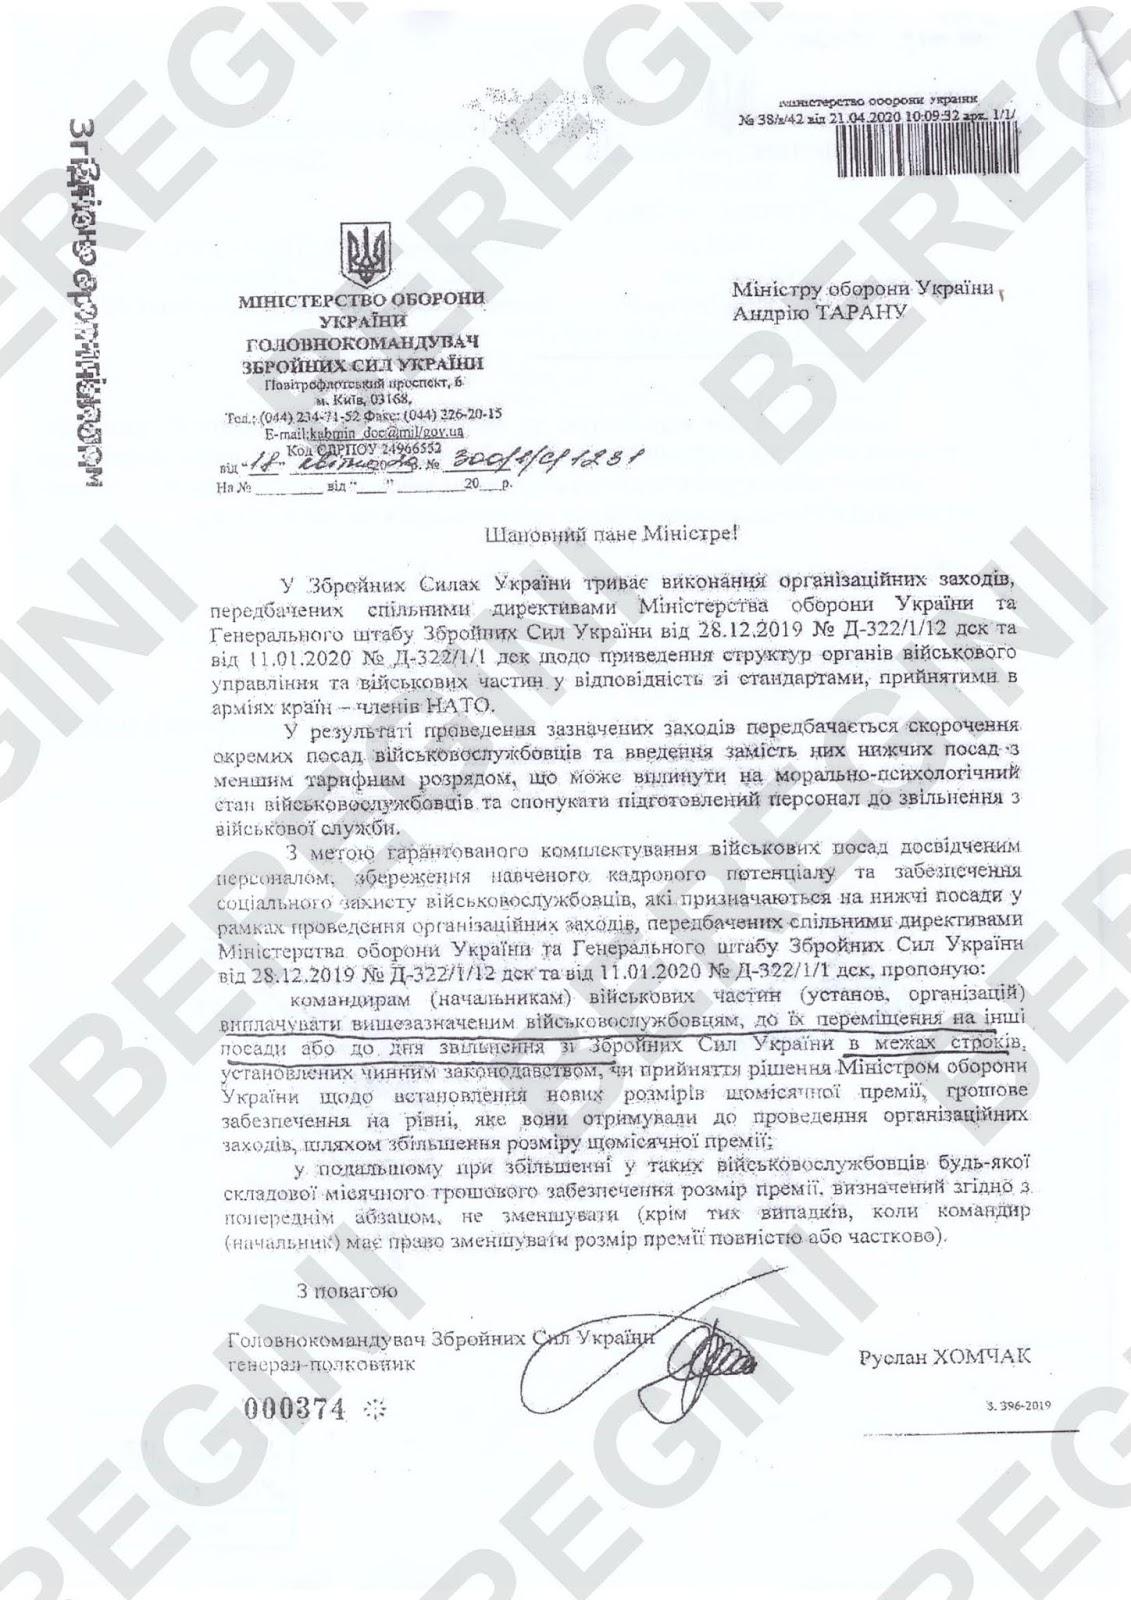 Хомчак просив міністра оборони не зменшувати військовим грошове забезпечення